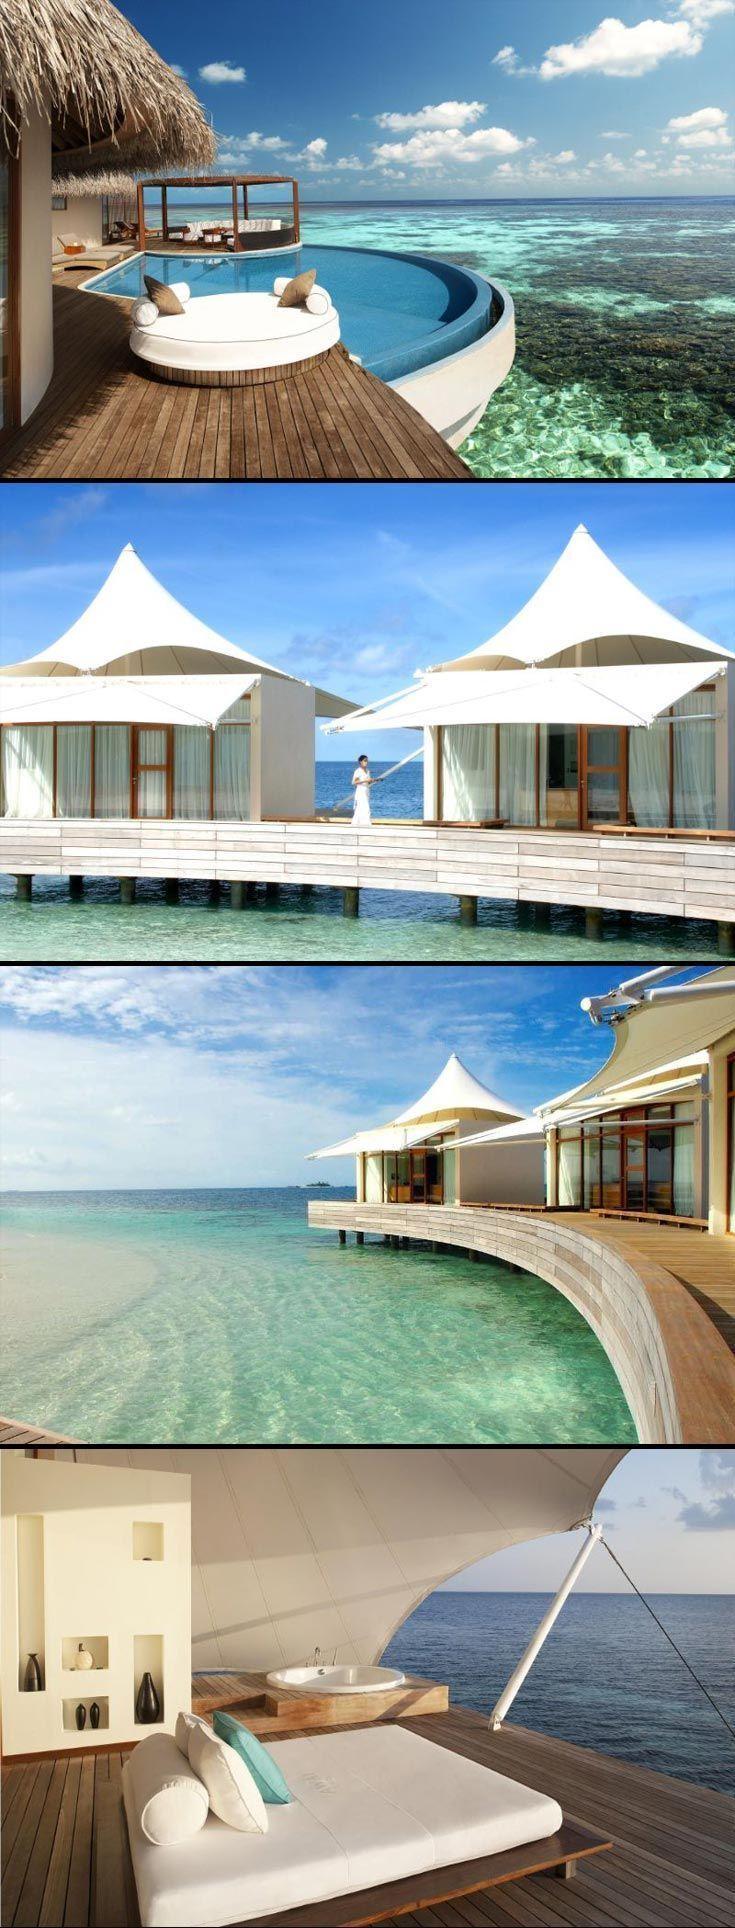 Les 11 Meilleurs Complexes De Lune De Miel Aux Maldives